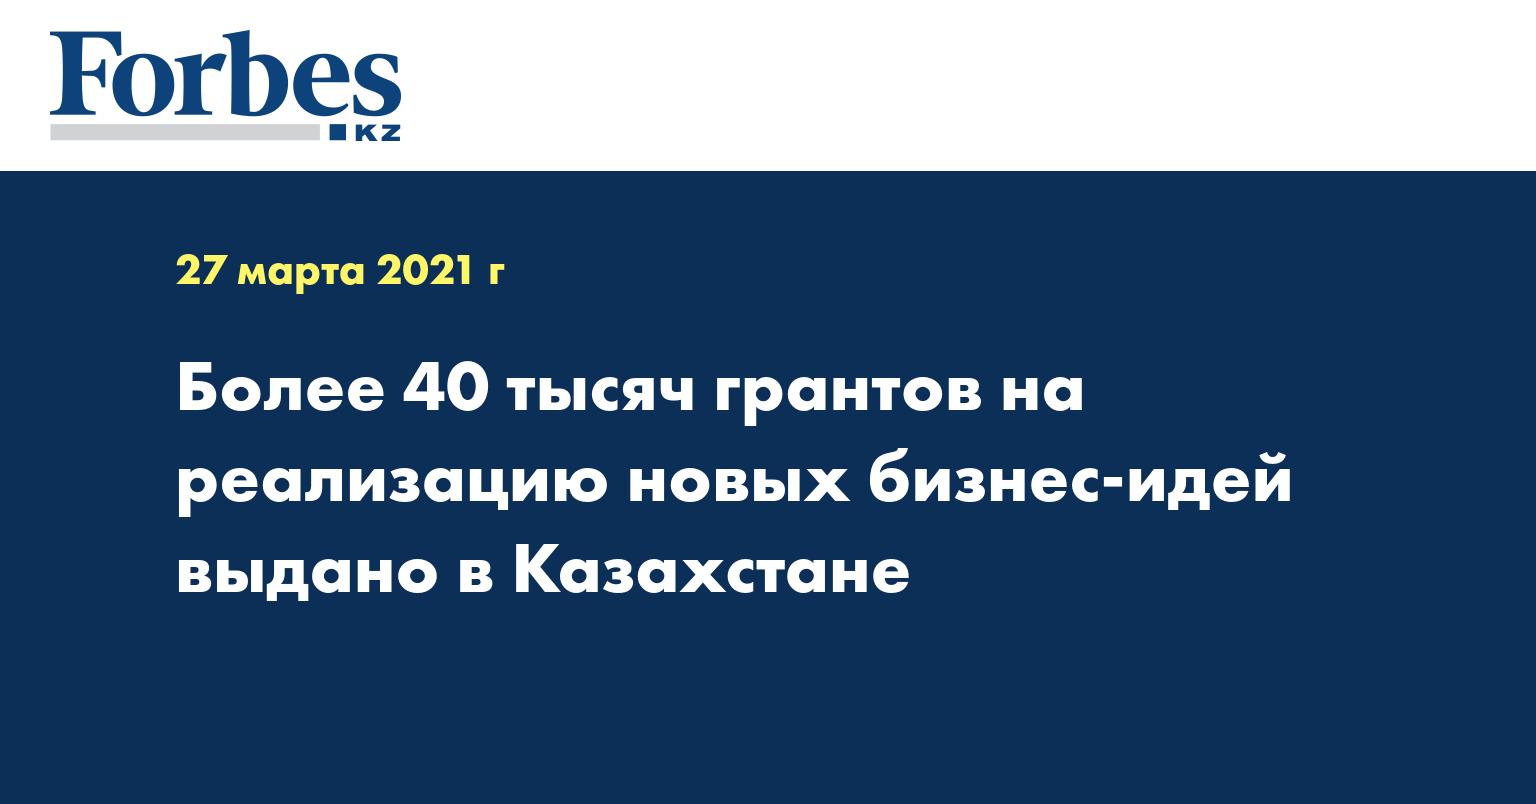 Более 40 тысяч грантов на реализацию новых бизнес-идей выдано в Казахстане